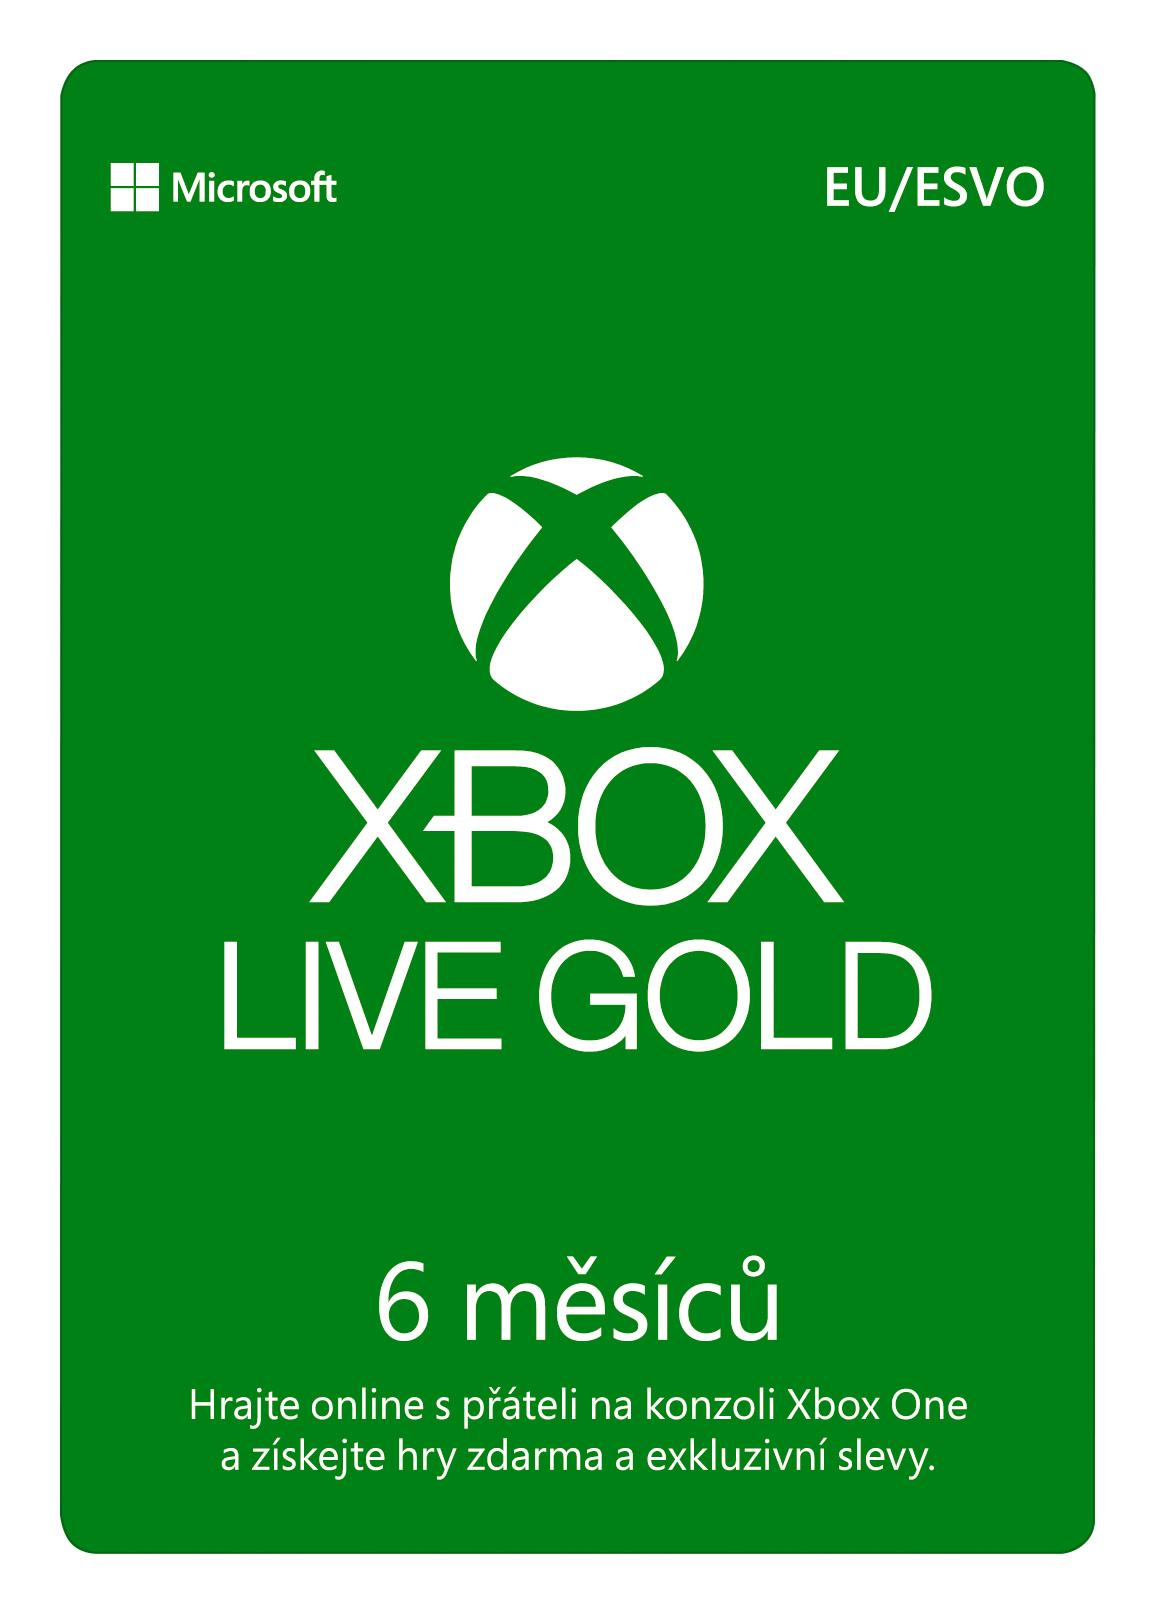 ESD XBOX - Zlaté členství Xbox Live Gold - 6 měsíců (EuroZone) - S3T-00005